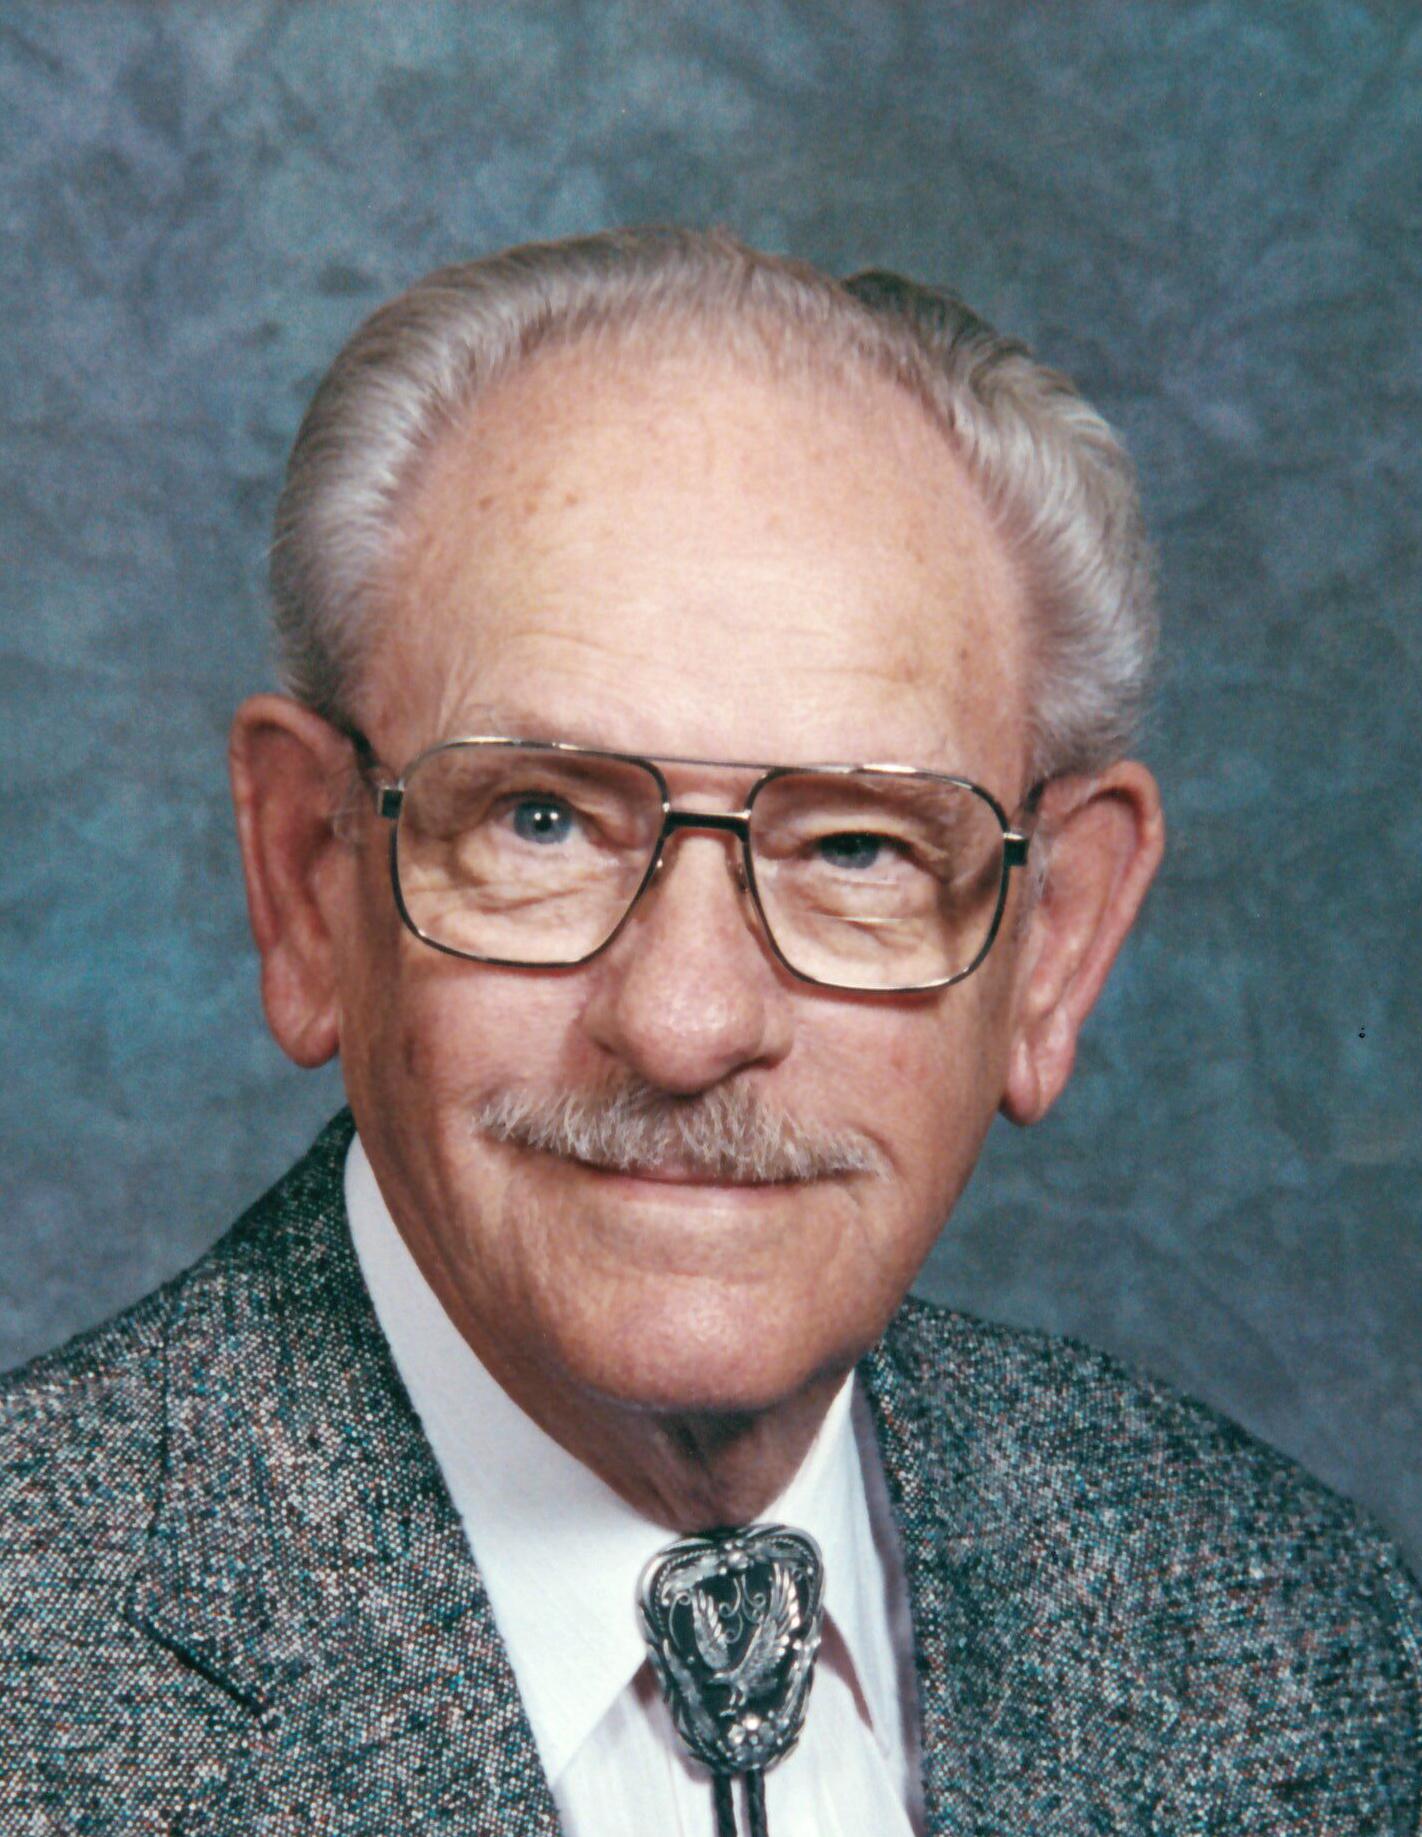 Andrew M. Schumacher